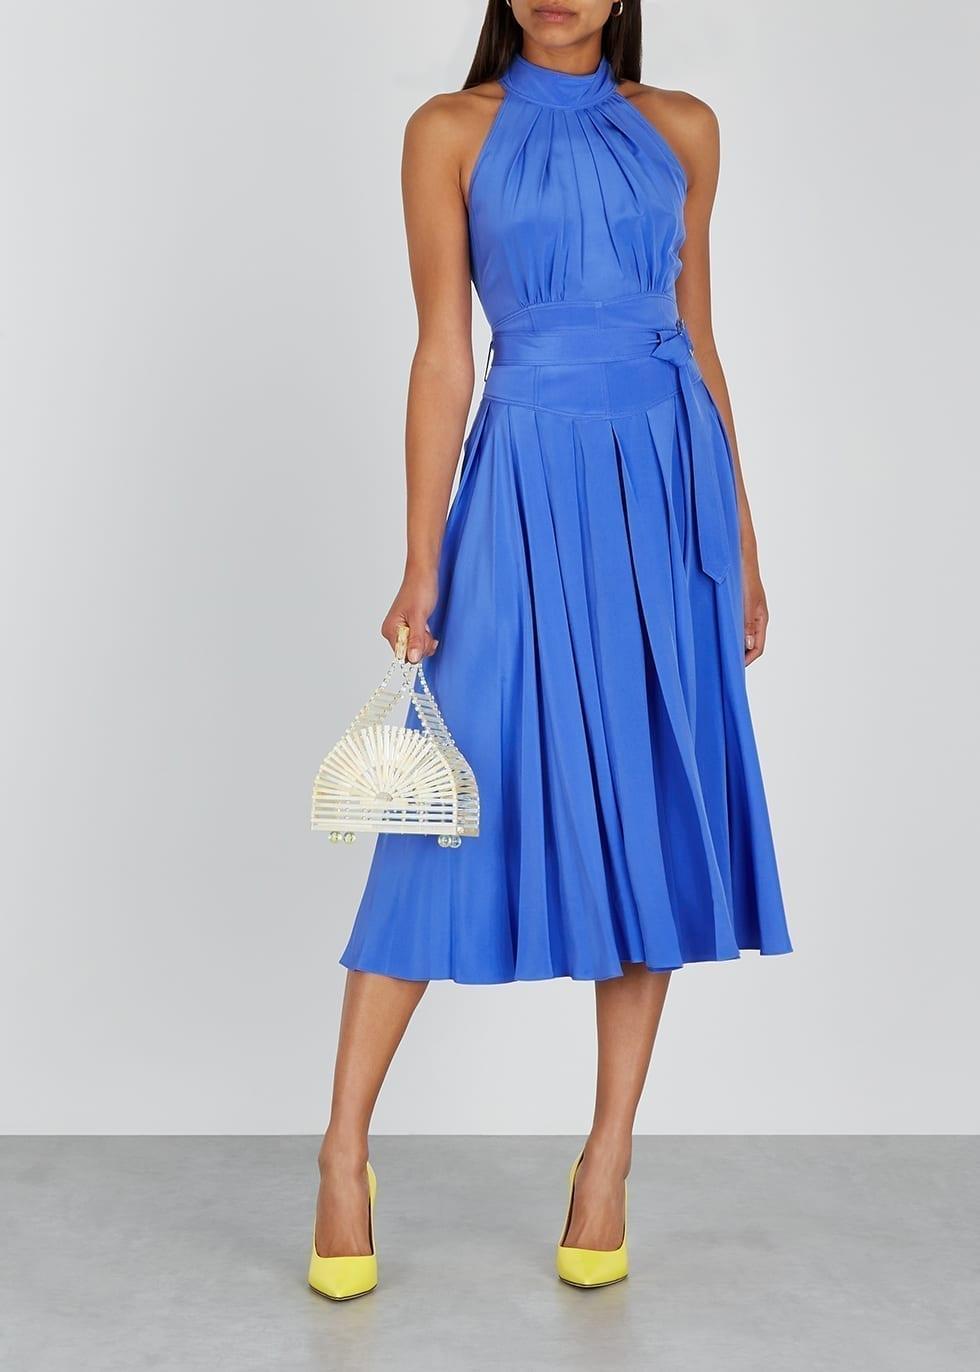 DIANE VON FURSTENBERG Nicola Blue Silk Midi Dress